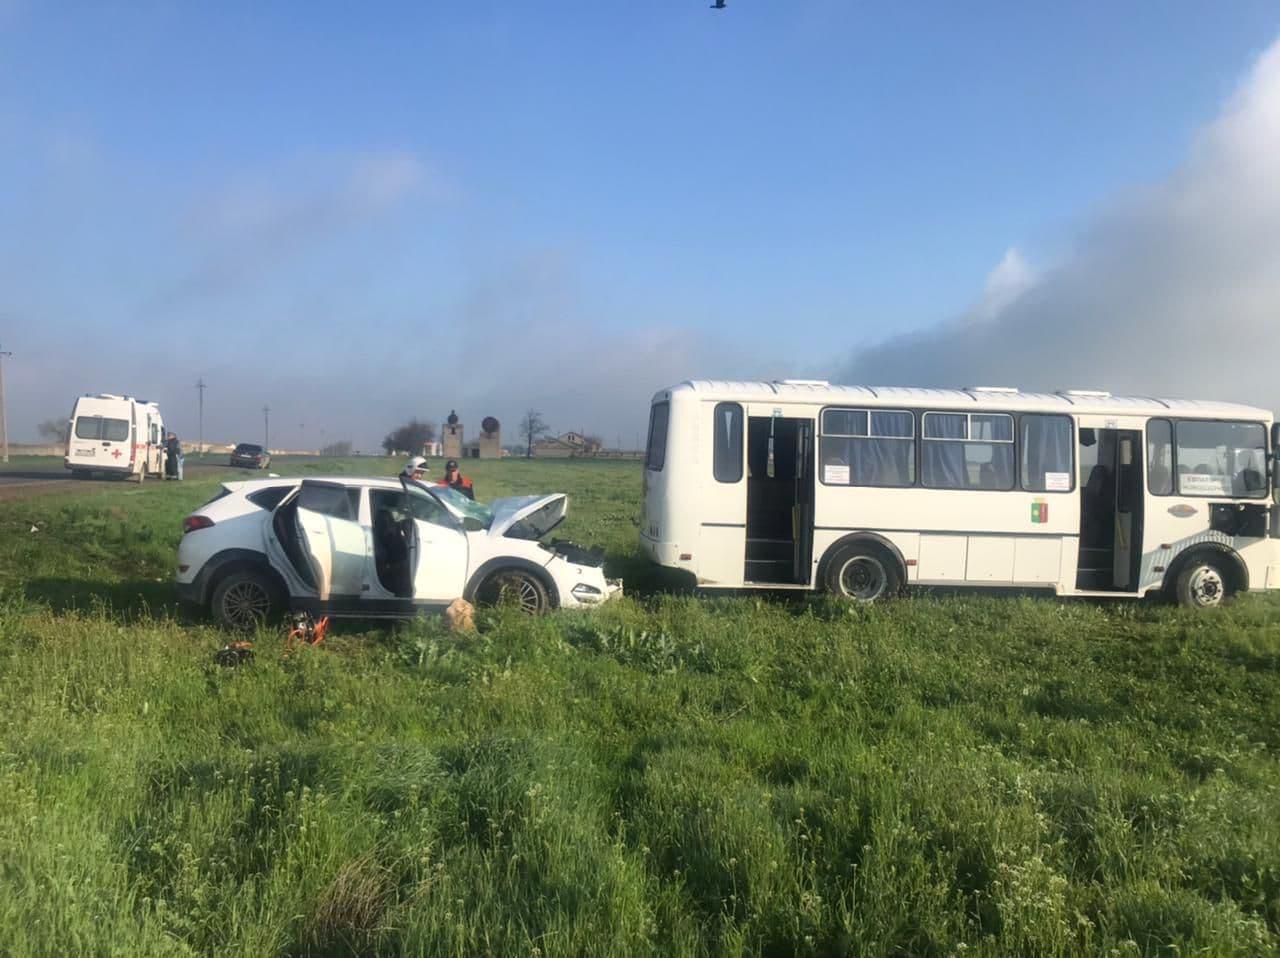 В Крыму произошло ДТП с пассажирским автобусом. Есть пострадавшие